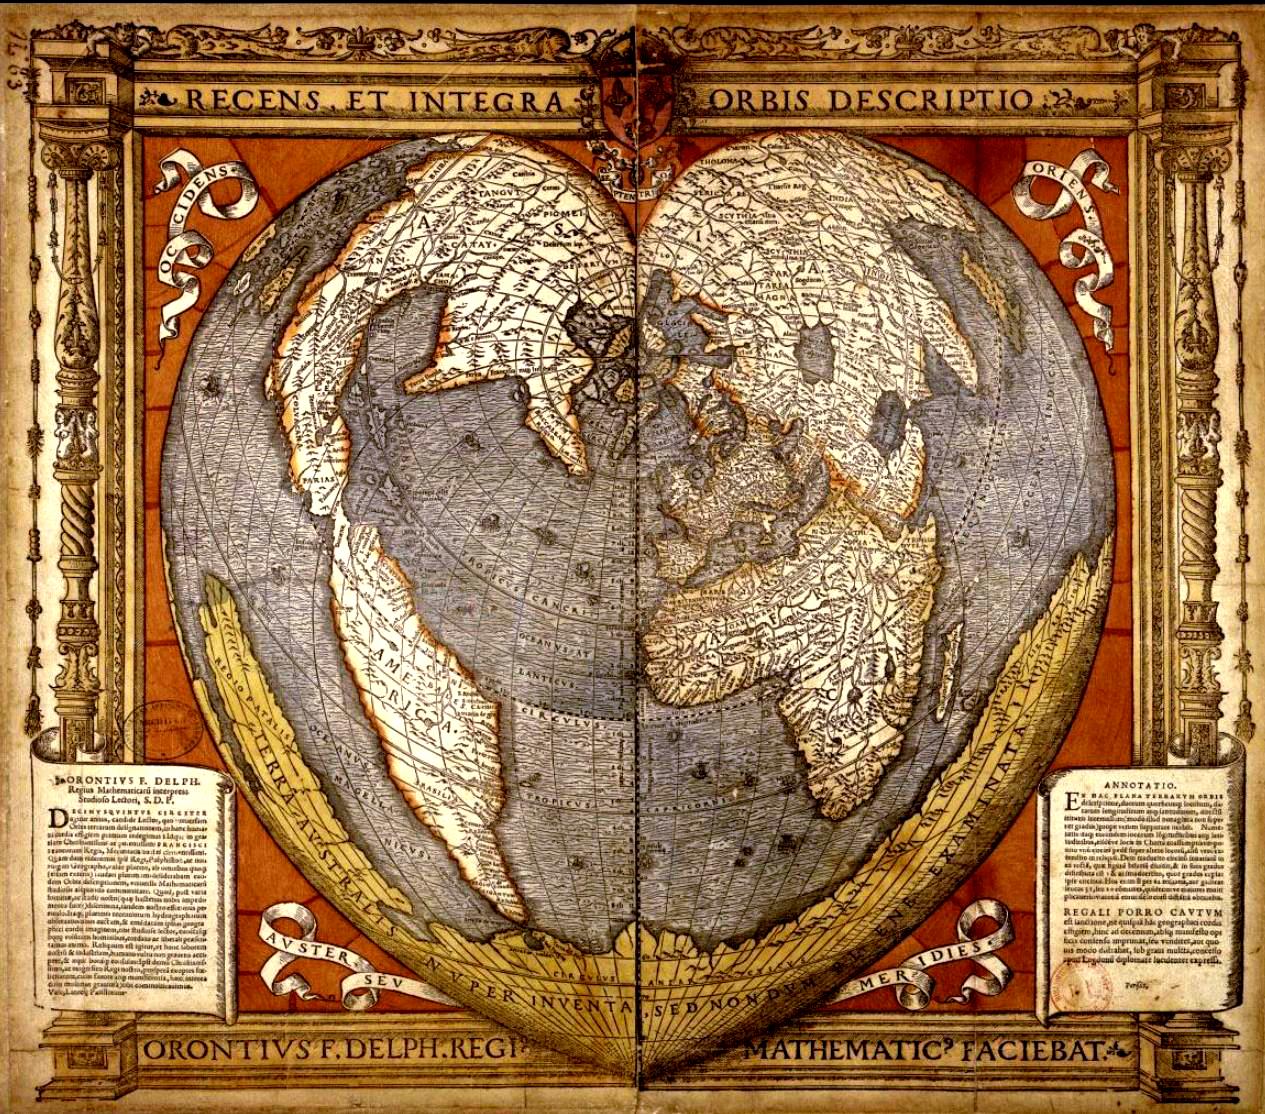 Mappemonde en forme de cœur montrant la Terre australe